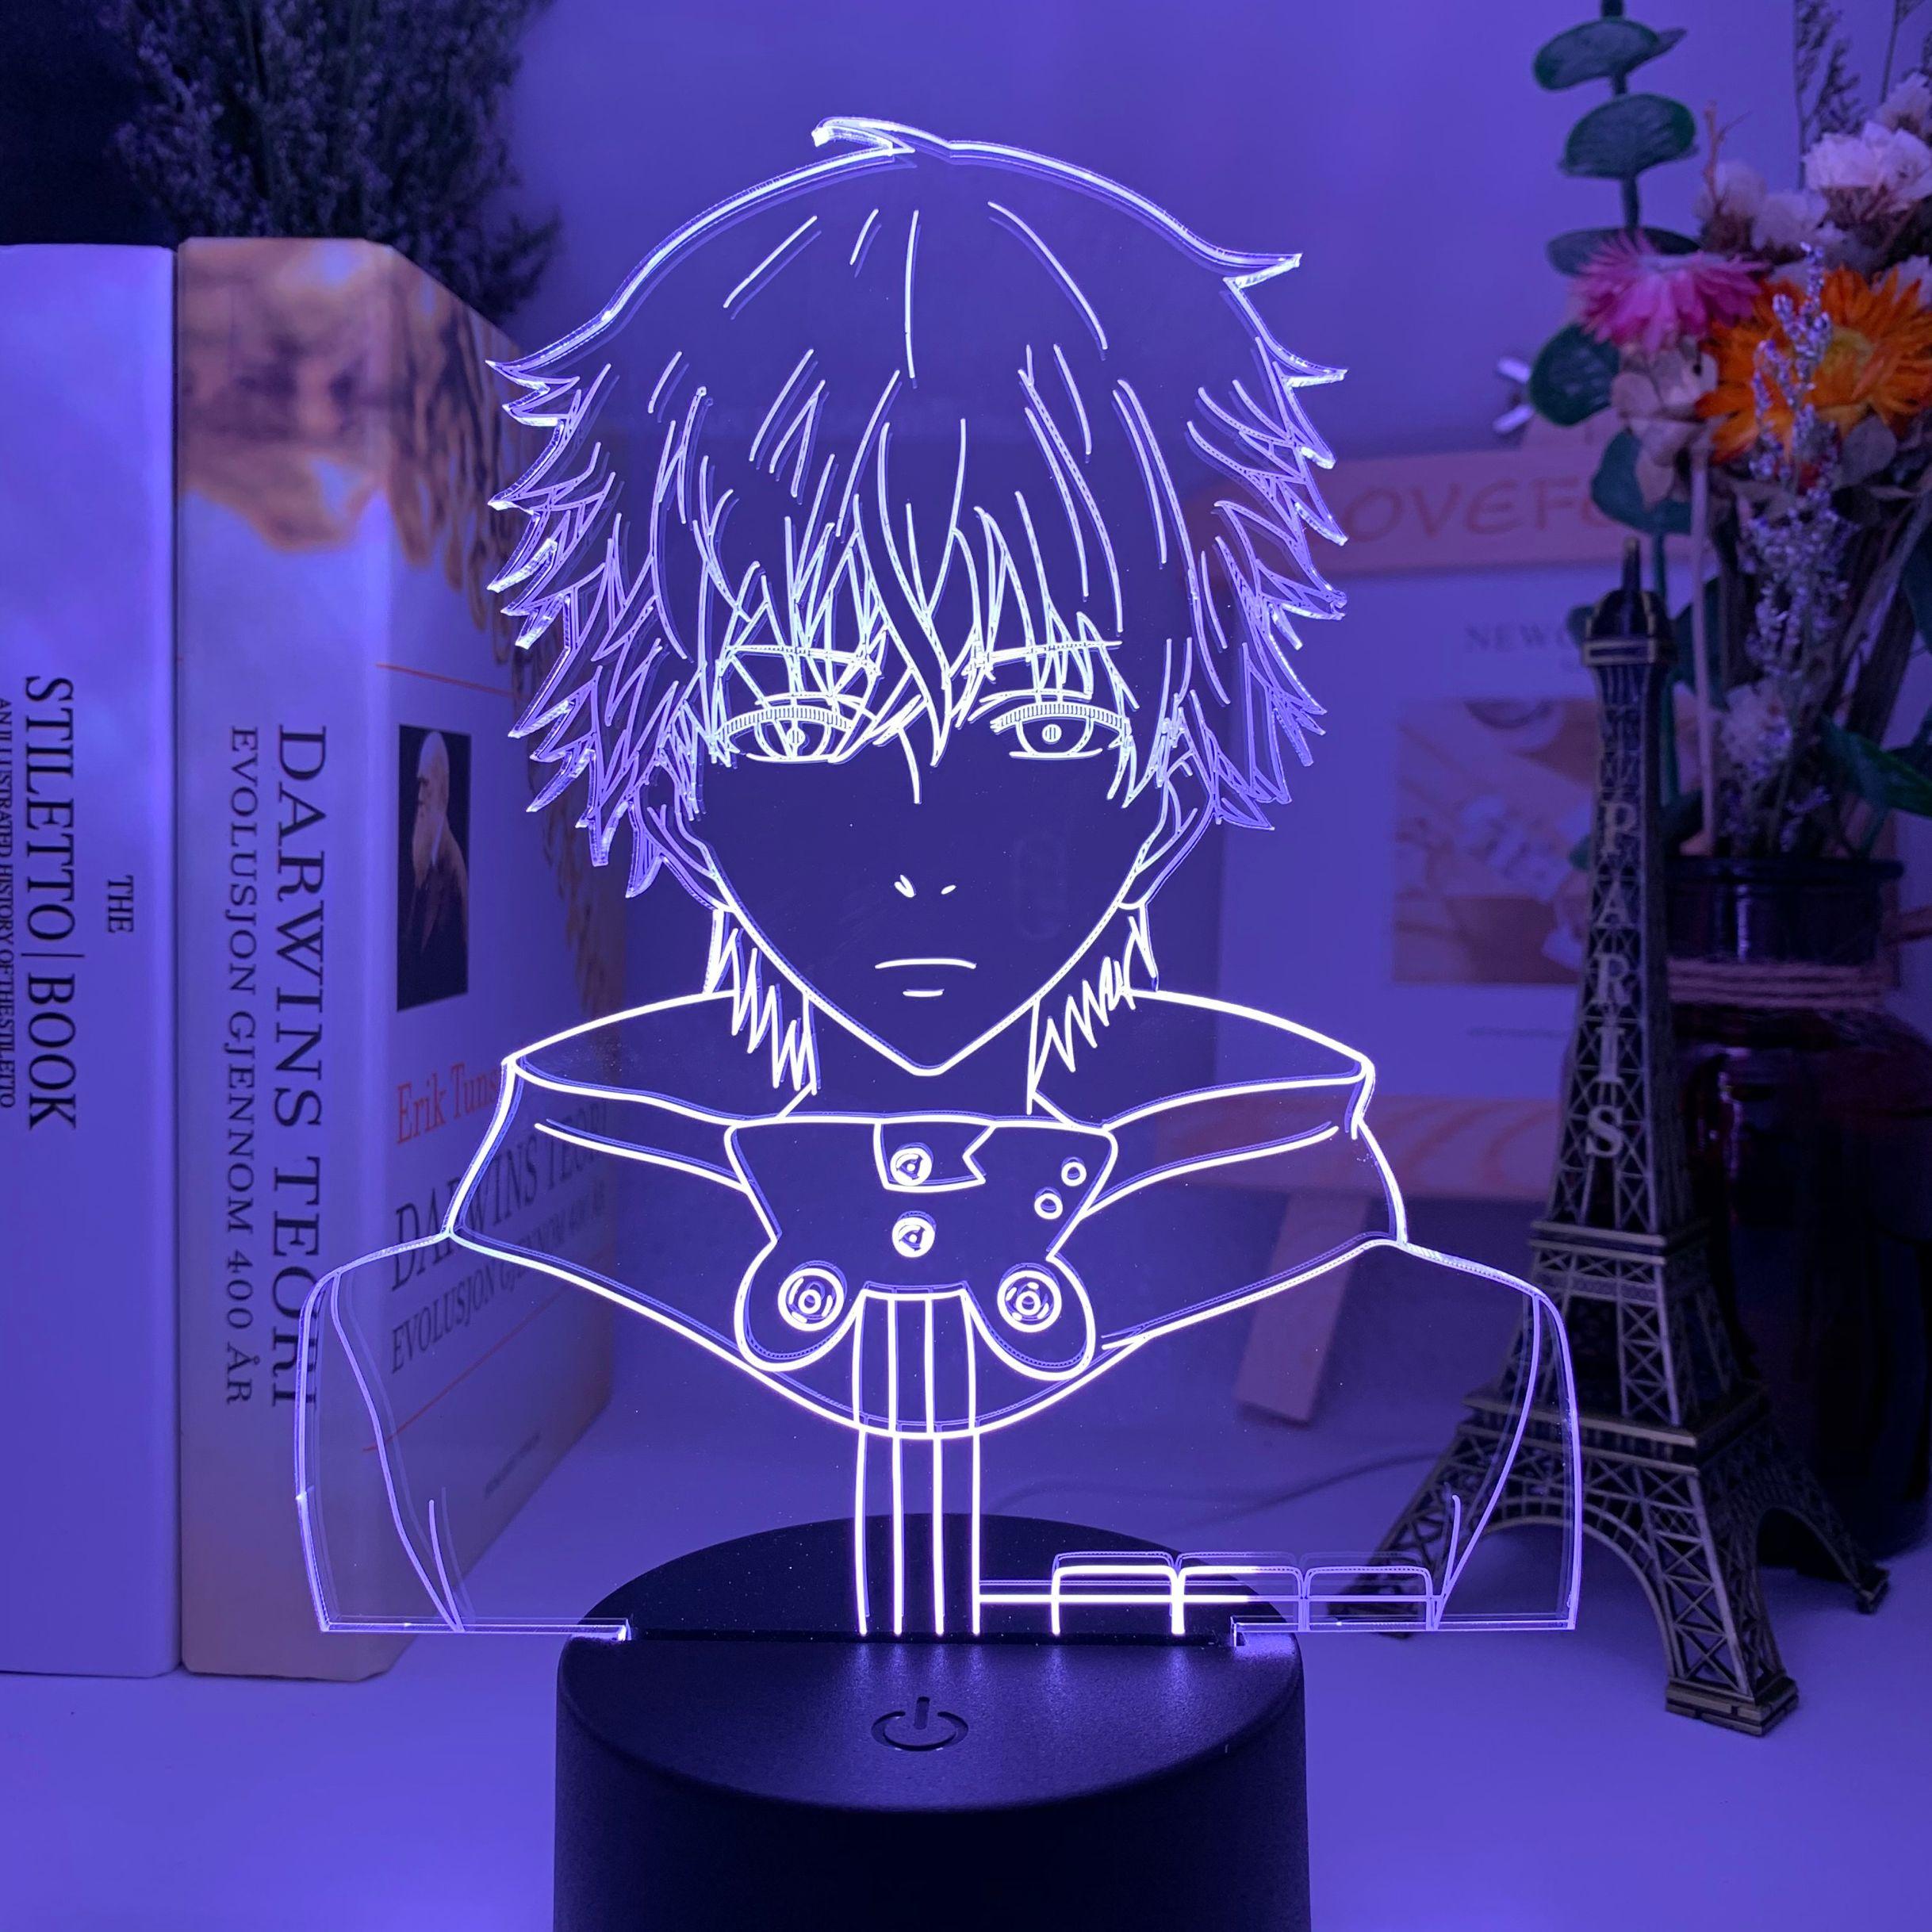 H5d4de49d813948b3adfc8b057b18ab804 Luminária Anime 3d led night light tokyo ghoul ken kaneki rosto nightlight para sala de leitura decoração luz anime presente para lâmpada mesa aniversário usb